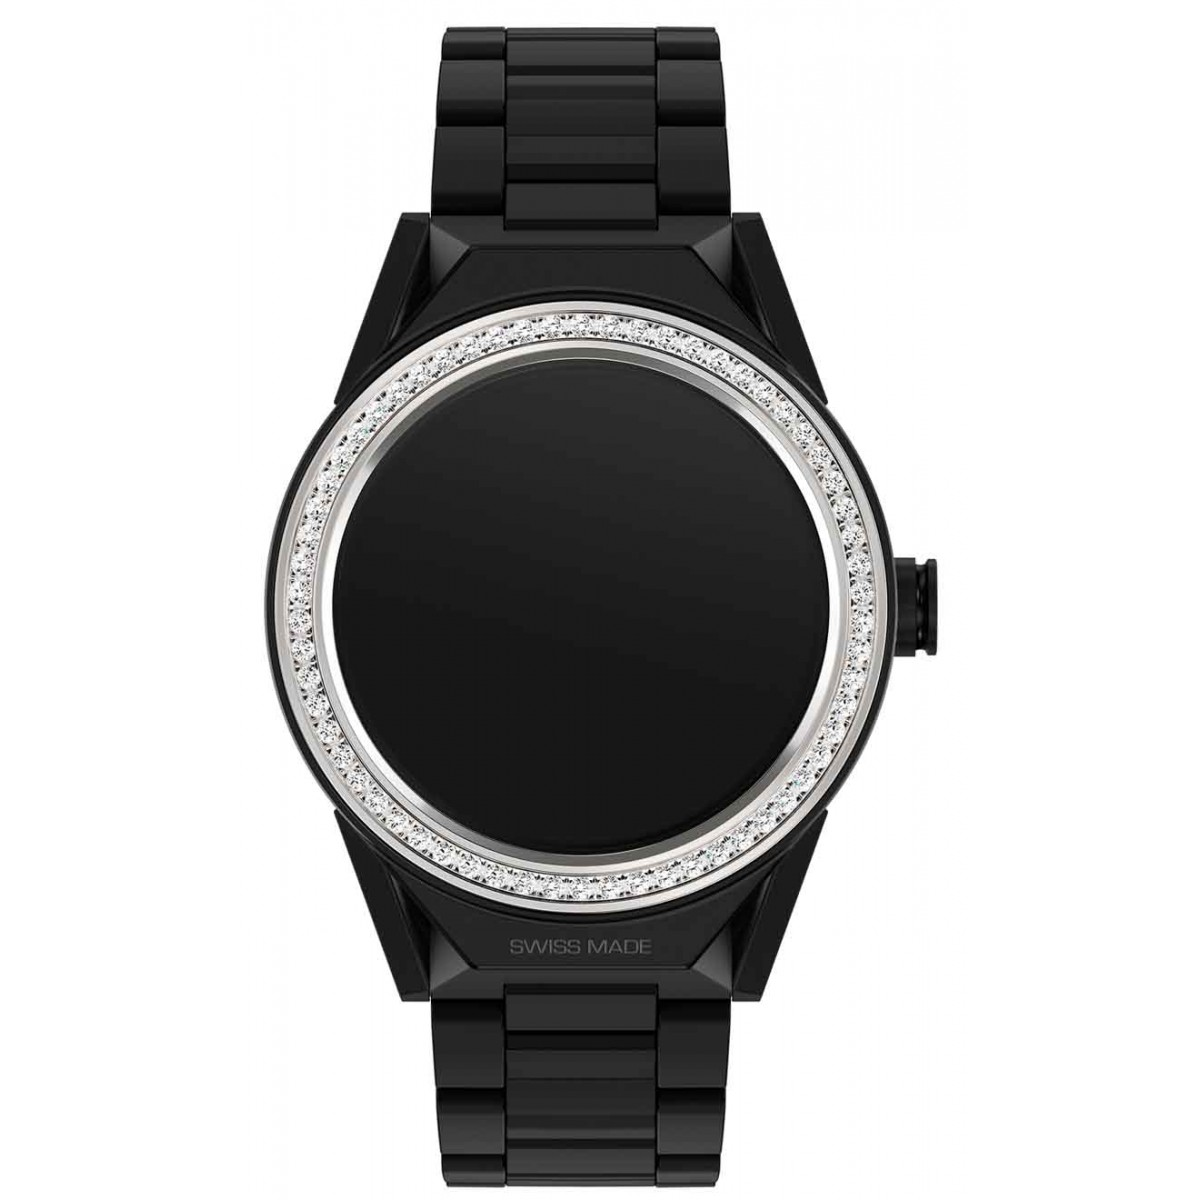 TAG HEUER CONNECTED MODULAR 45 50 M - ∅45 mm Correa de cerámica negra con bisel con diamantes